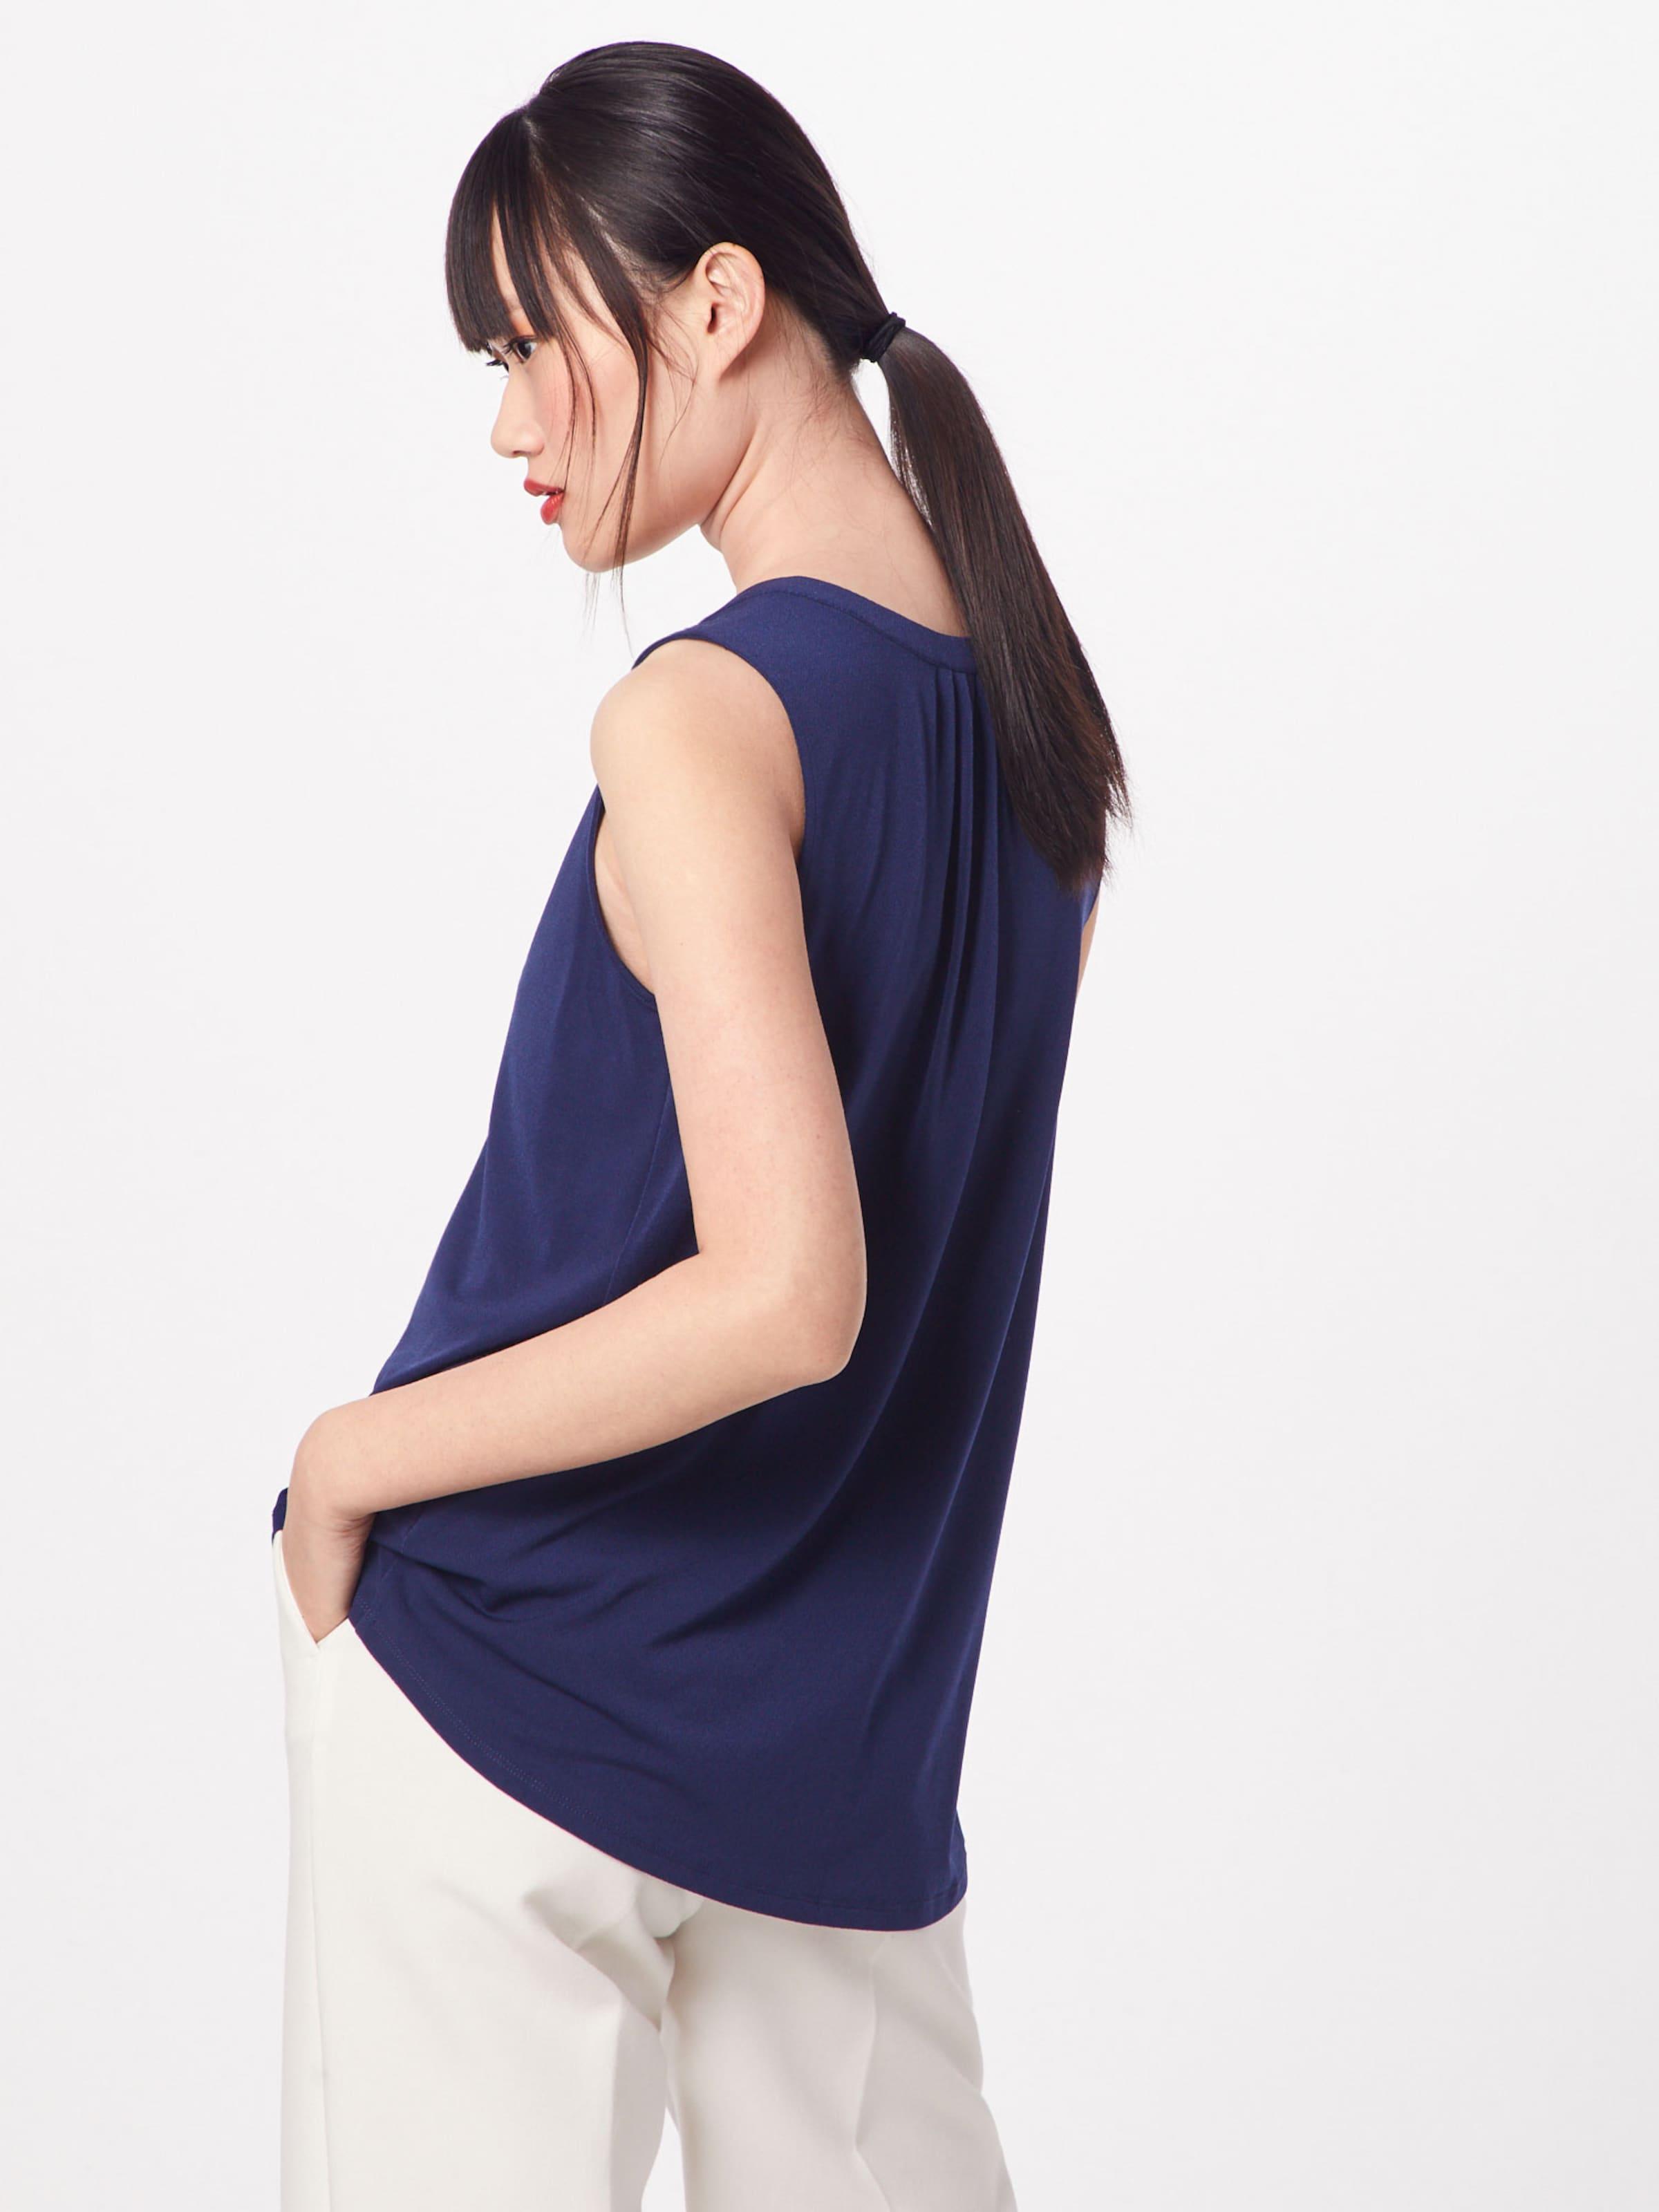 Collection Esprit Bleu Haut Marine En vmN8ny0Ow